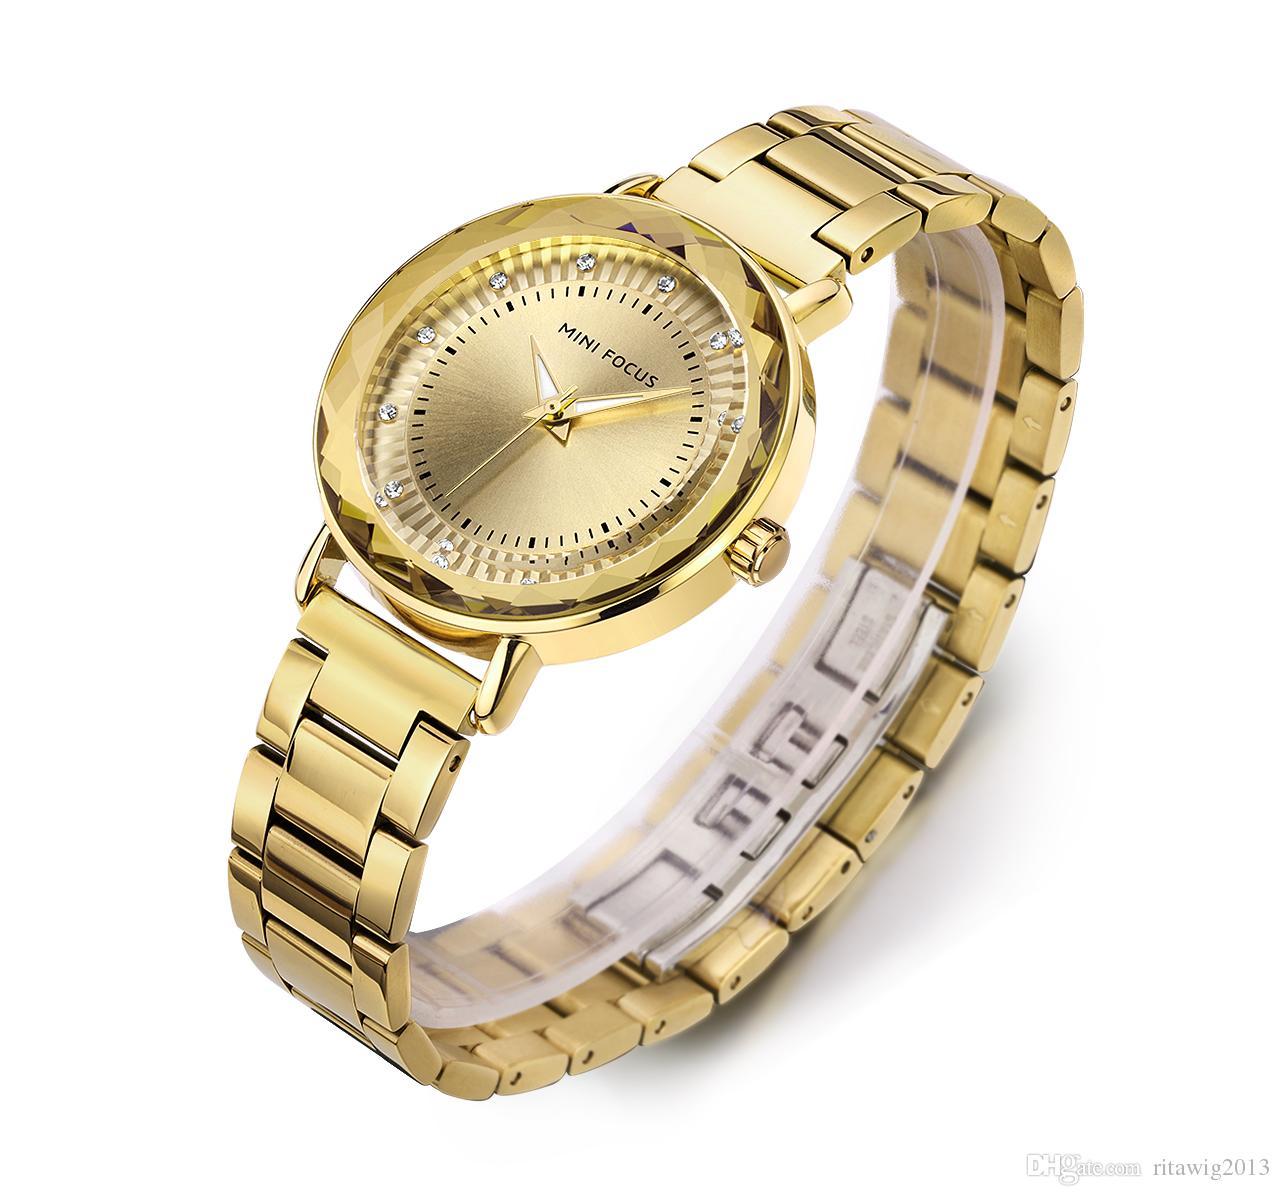 1c7a2f1d0df Compre 2018 Top Qualidade Mulher Relógio De Aço Inoxidável Luxo Casual  Relógio De Pulso Famosa Marca Relógio De Quartzo Relógio Feminino Moda  Esportiva ...